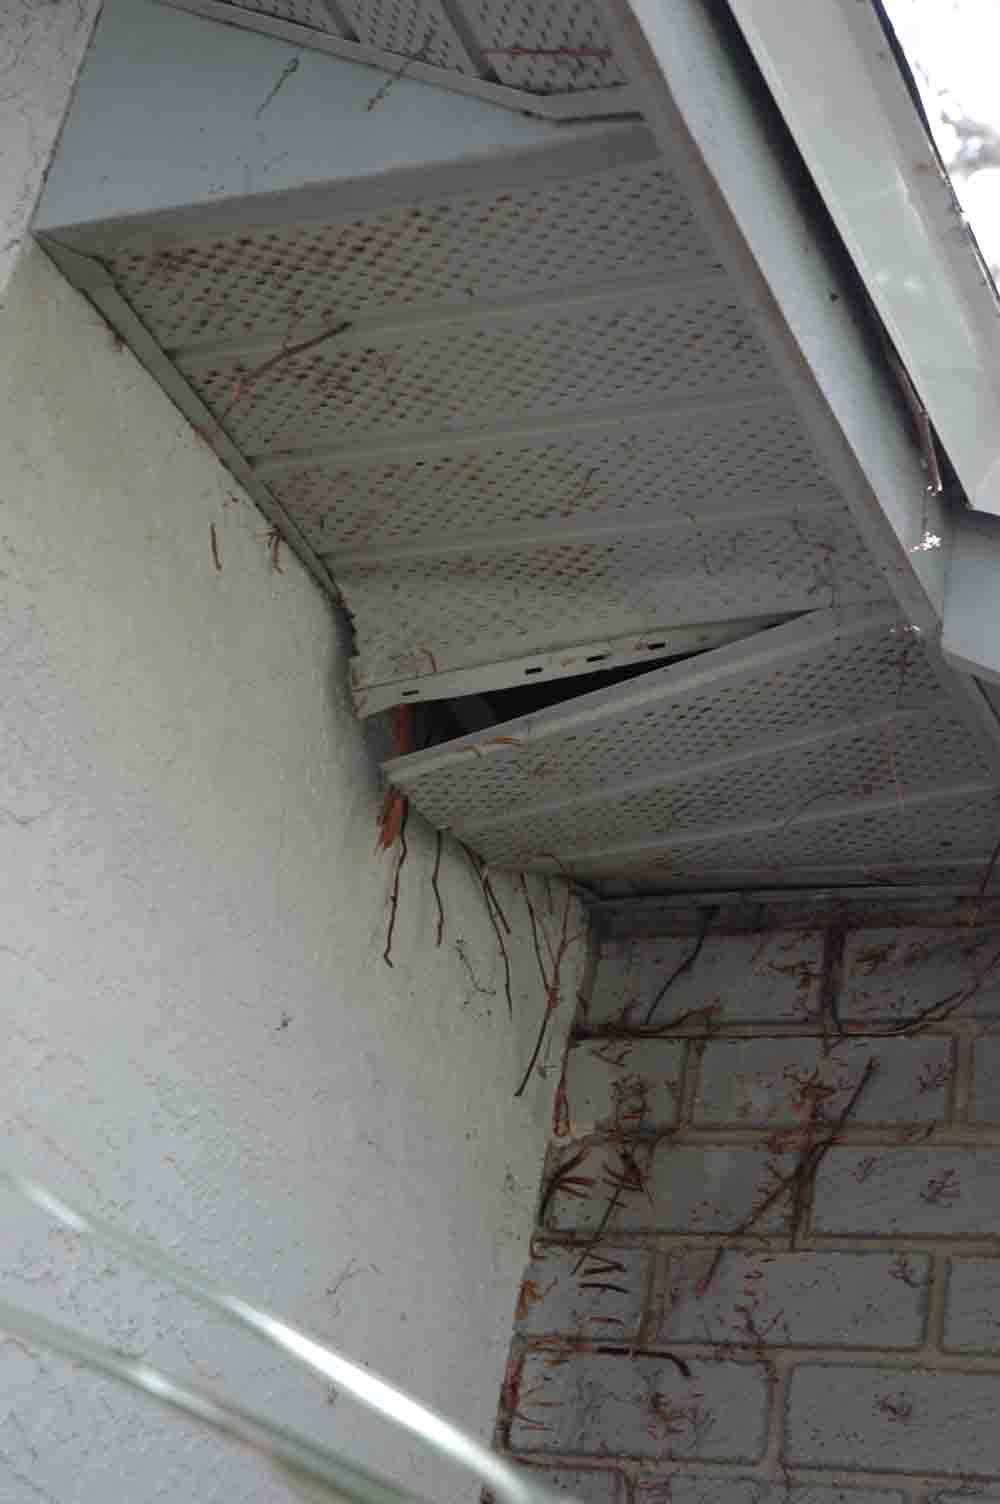 How To Repair Patio Screen Door Rollers: How To Repair Sagging/loose Soffits?